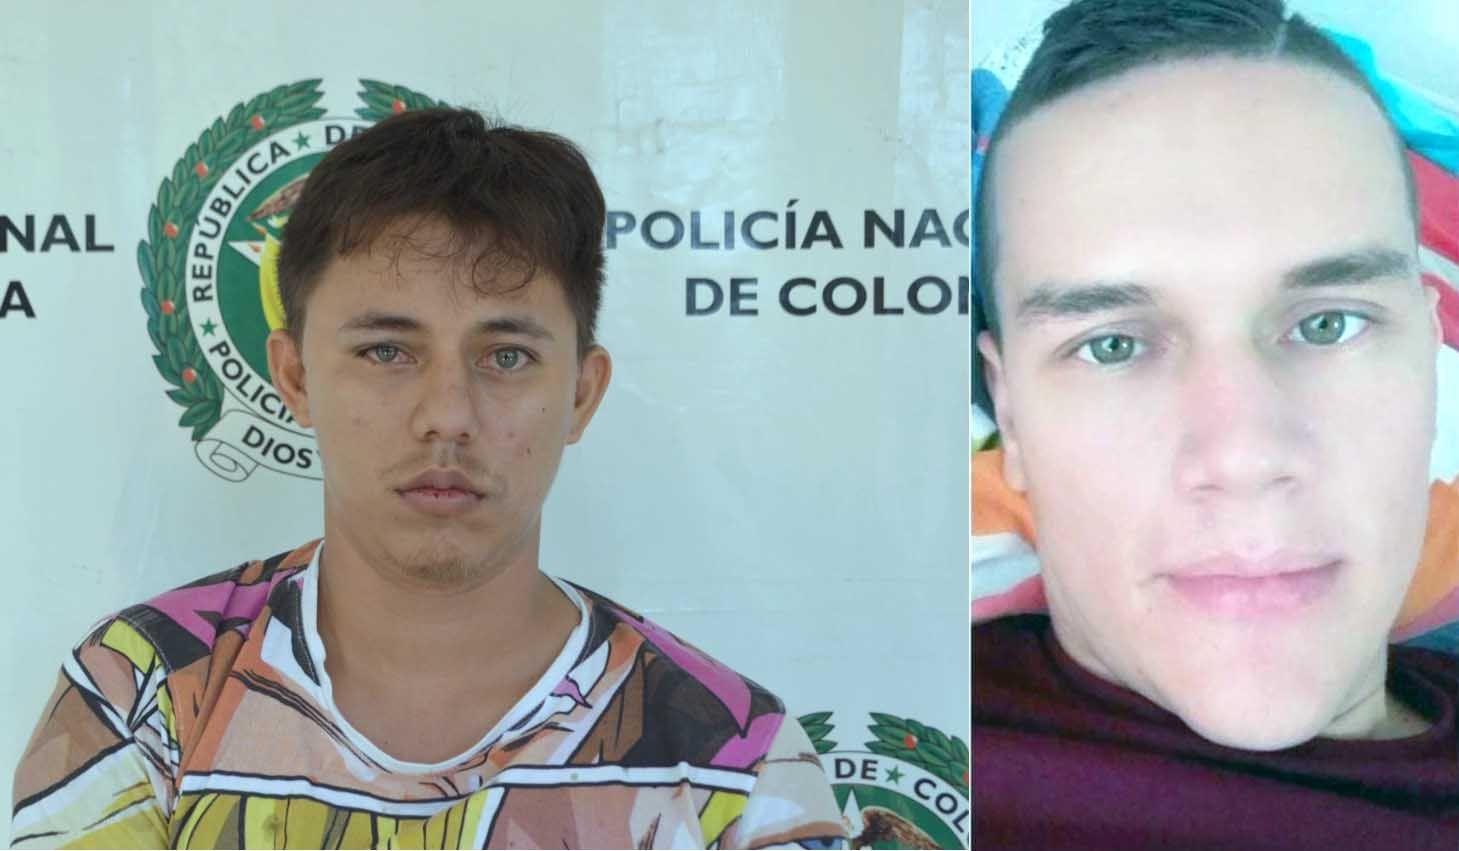 Capturado hombre que mató a otro en riña campal en Neiva